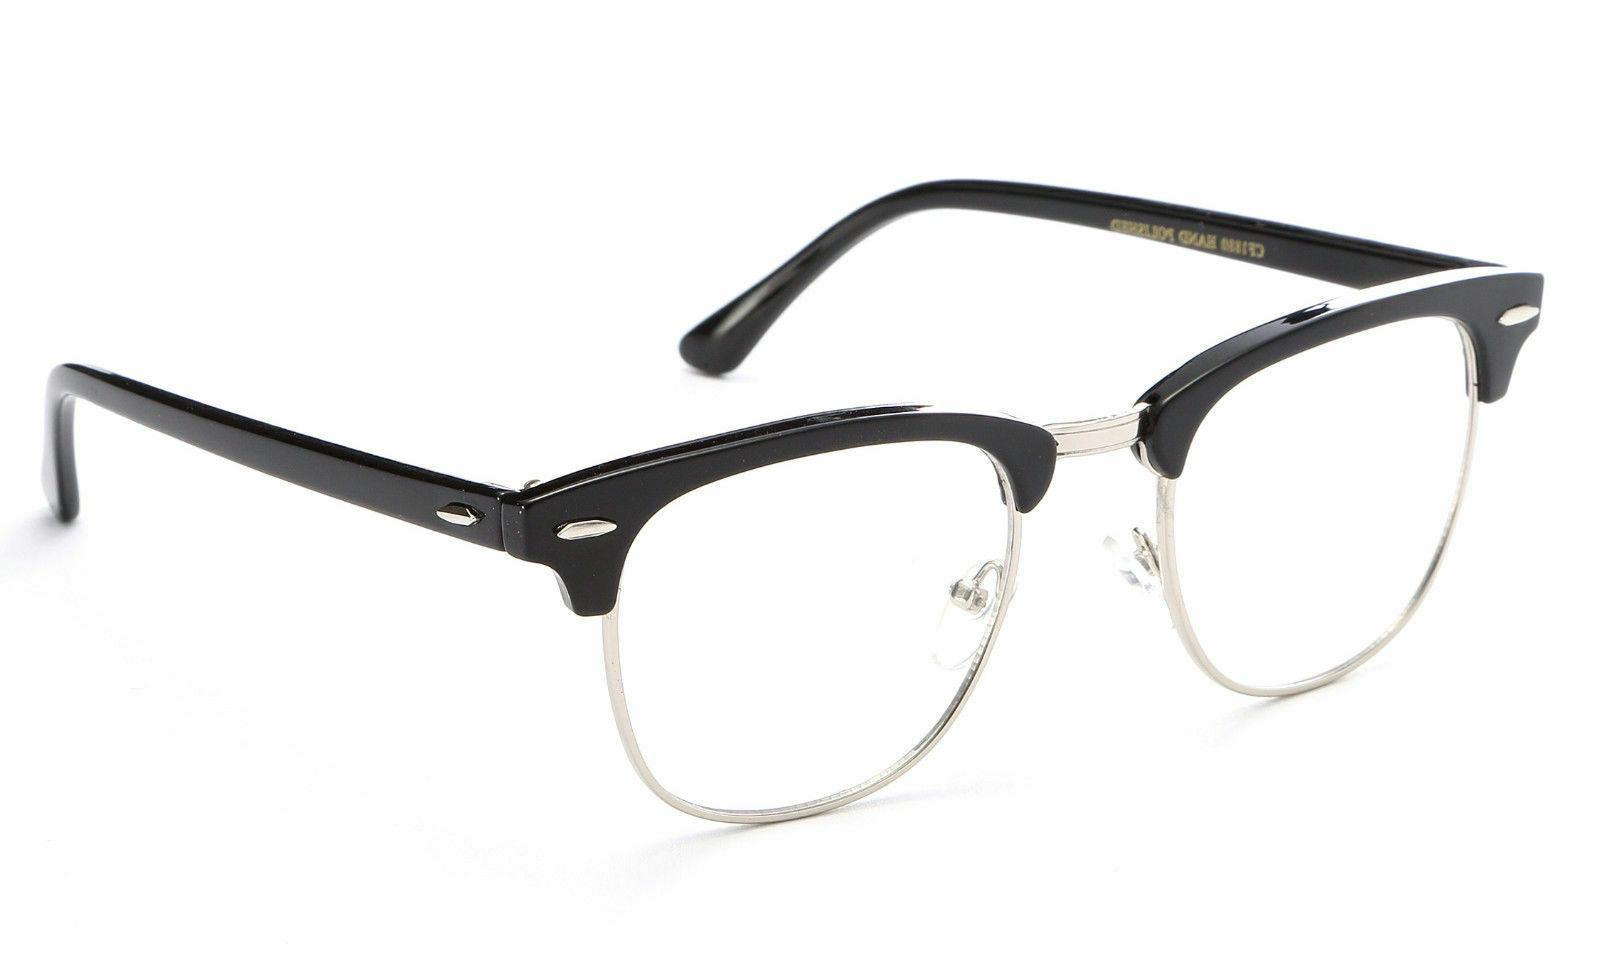 interview smart clear lens glasses fake vintage